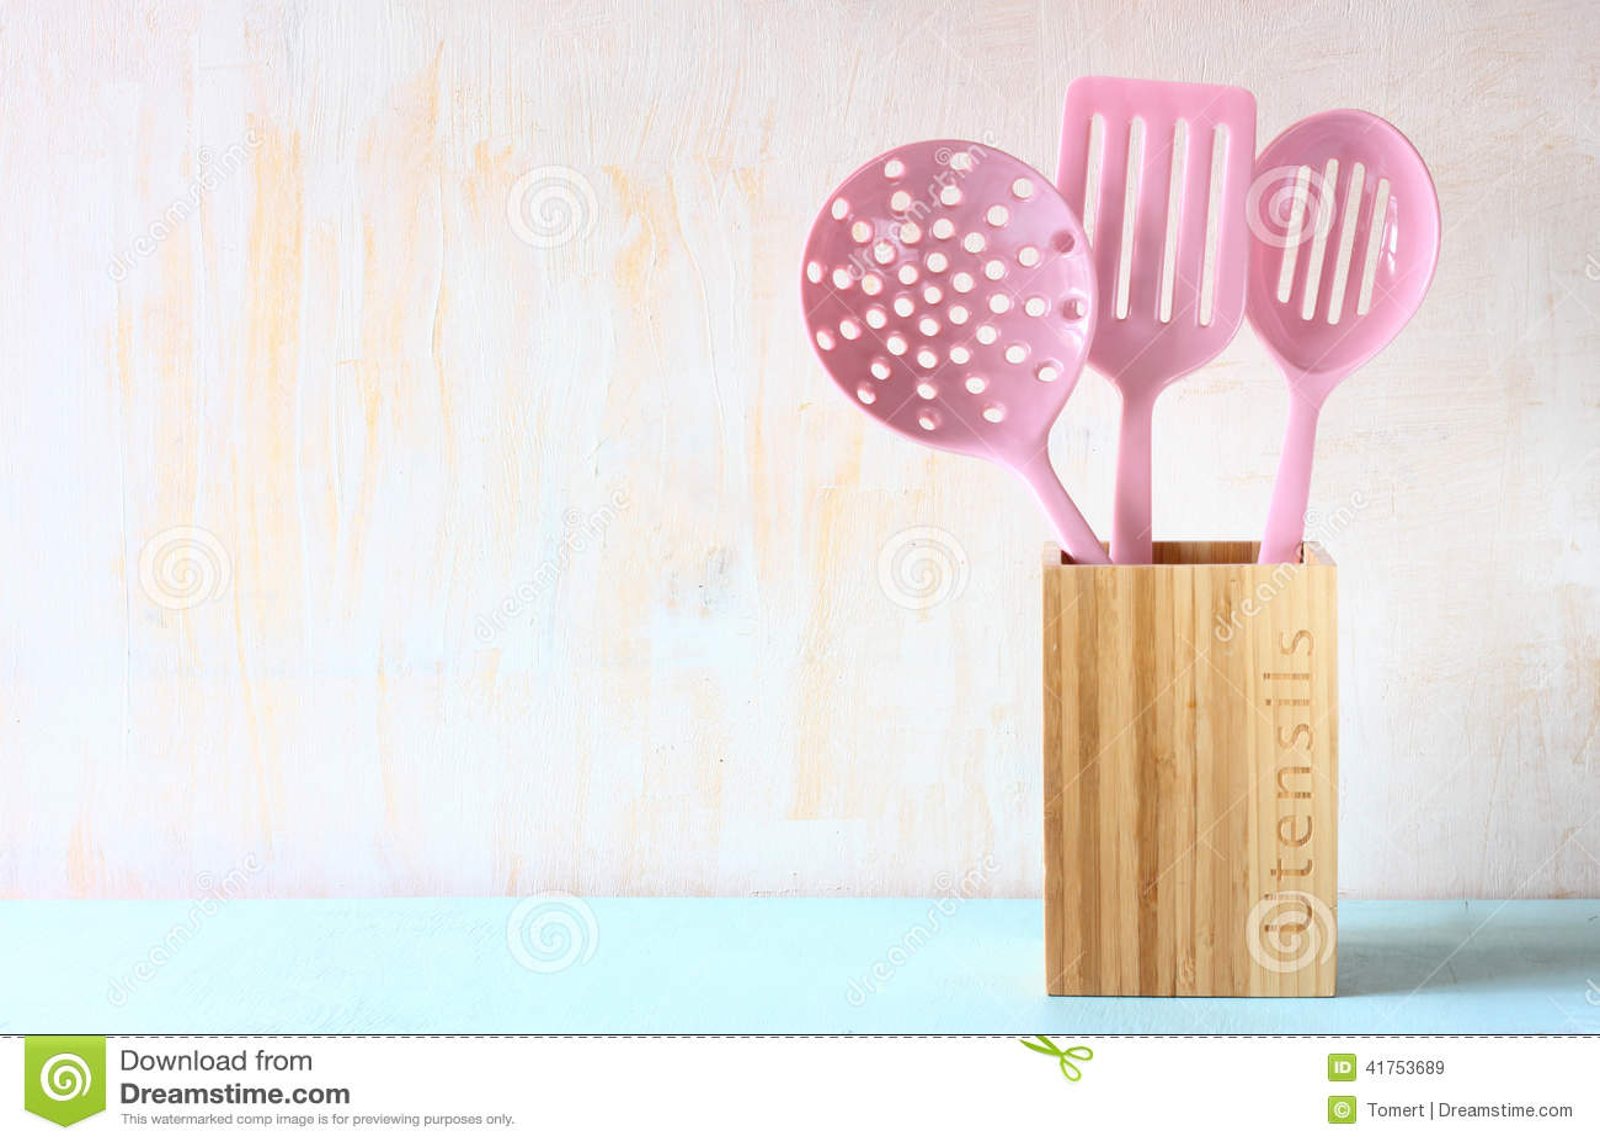 kitchen utensils background cartoon kitchen utensils over wooden textured background utensils over wooden textured background stock image